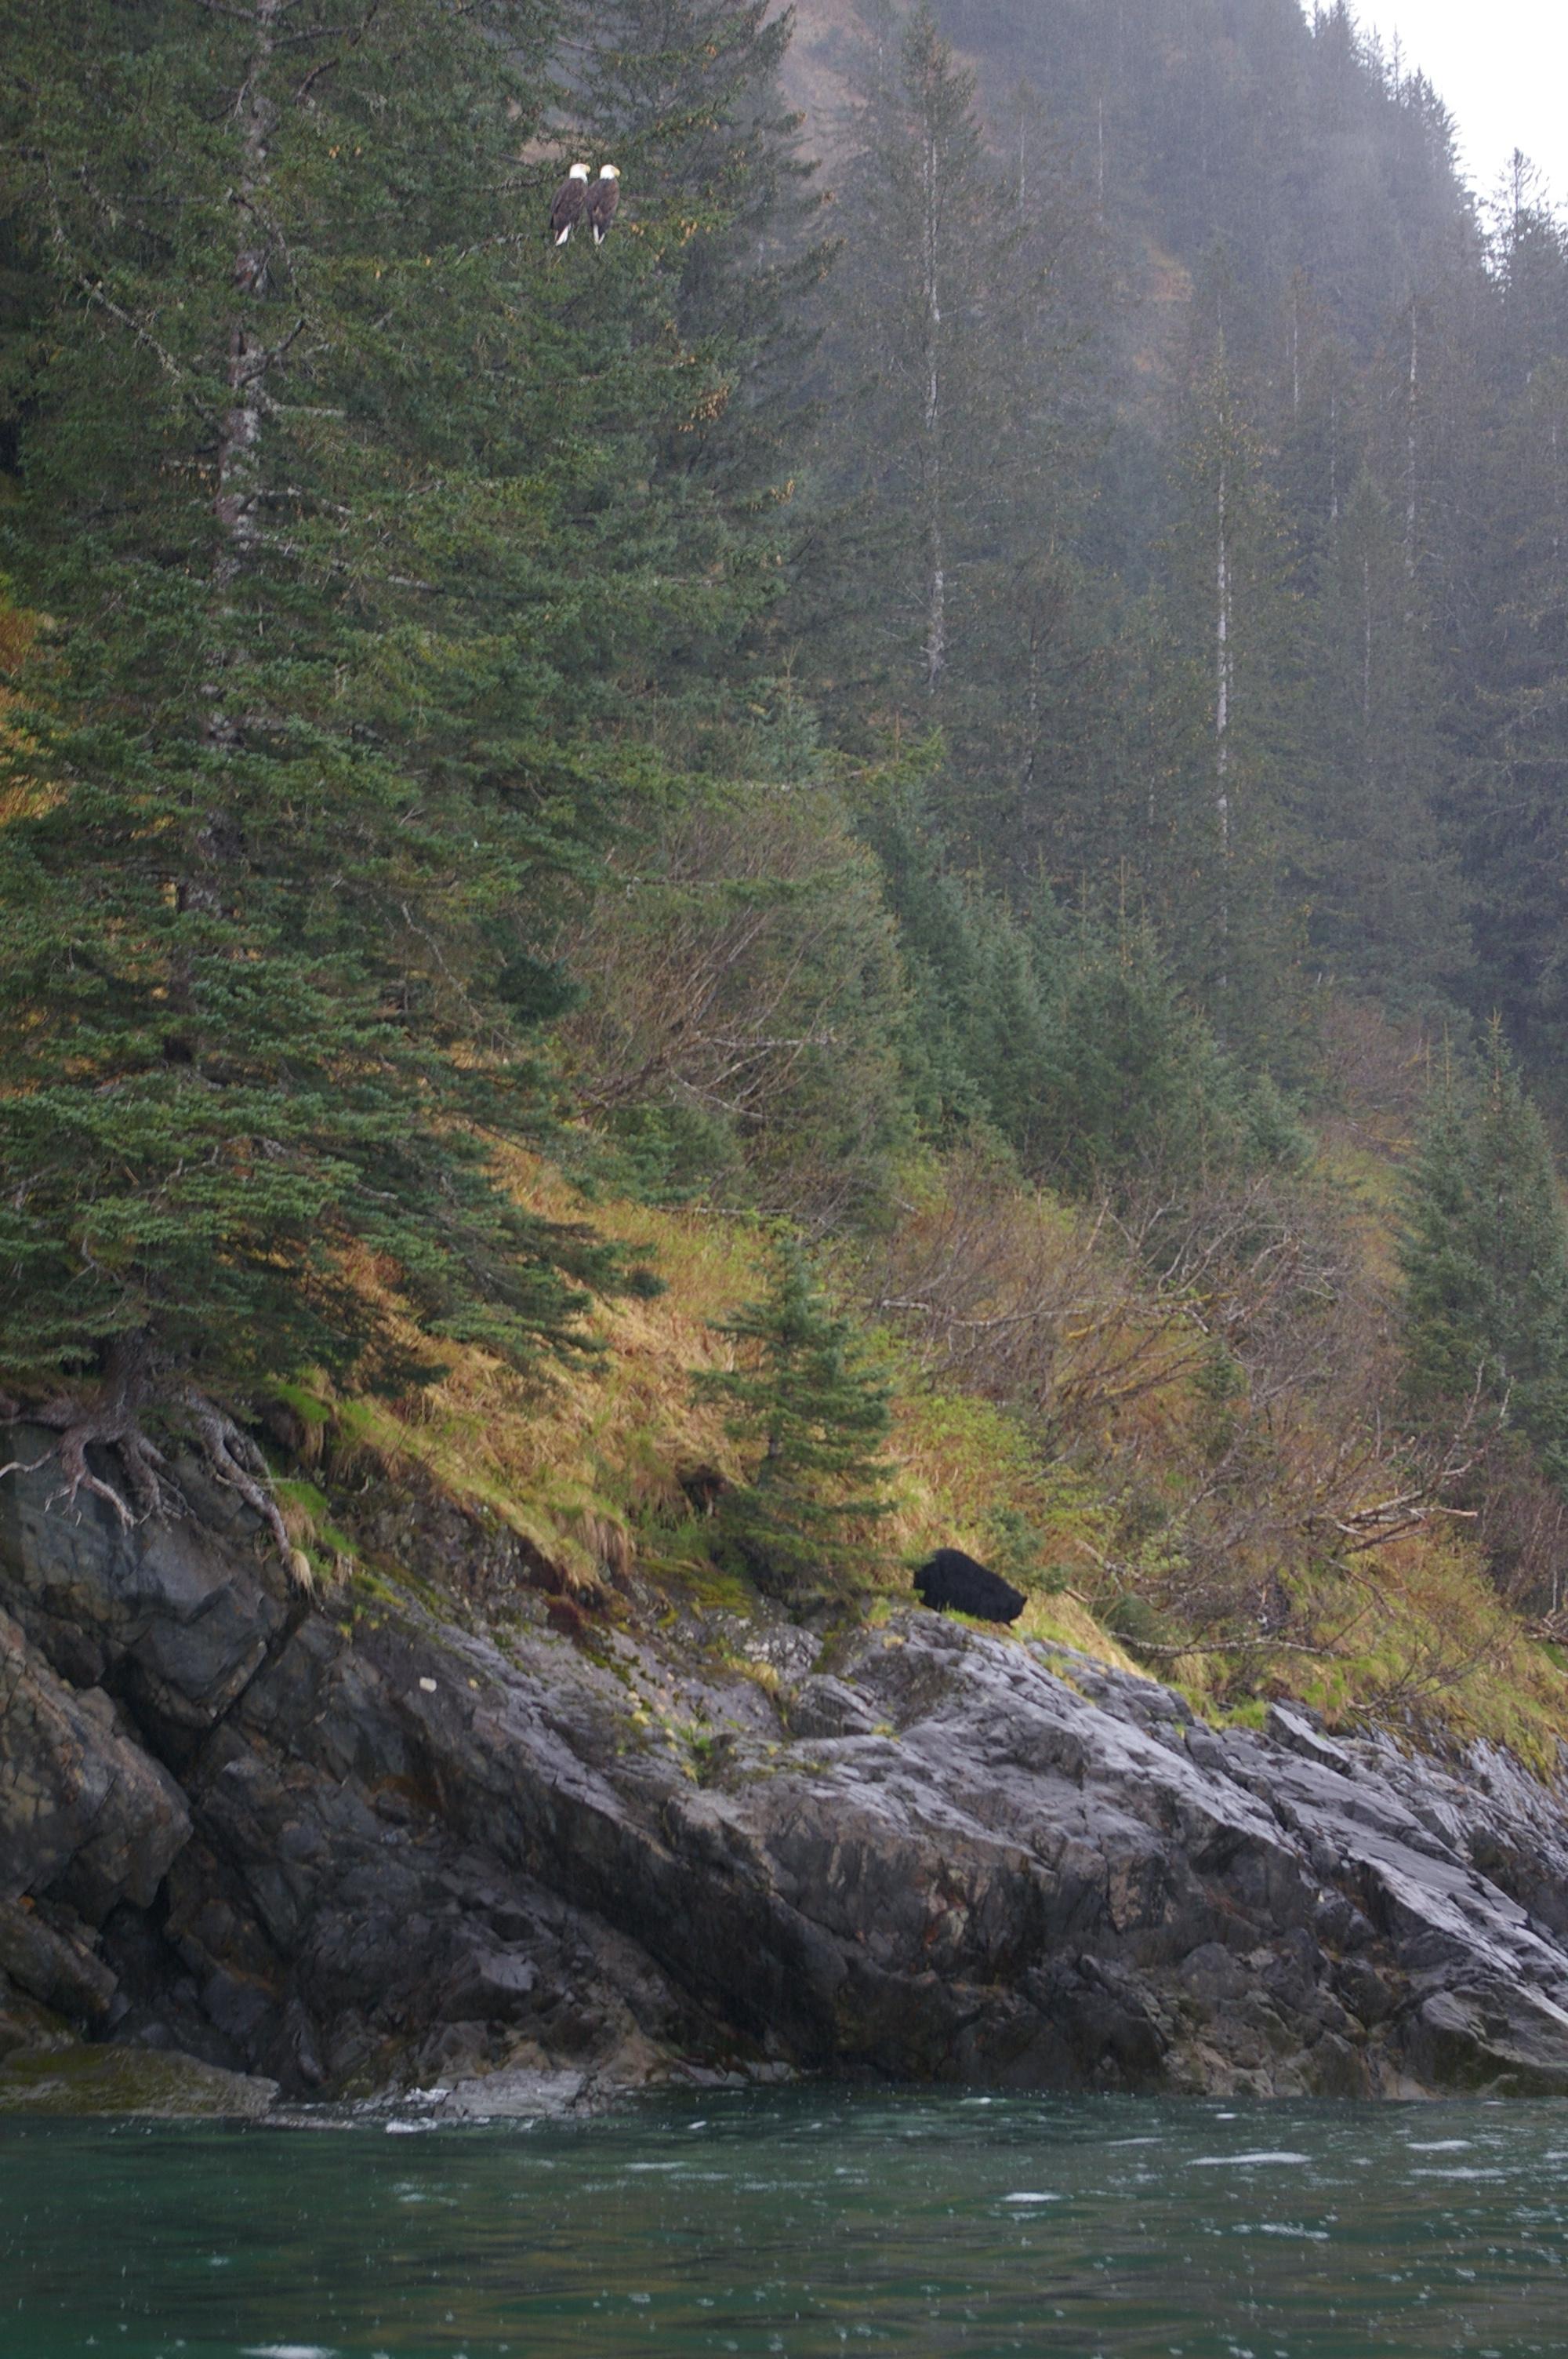 Double eagle, single black bear.